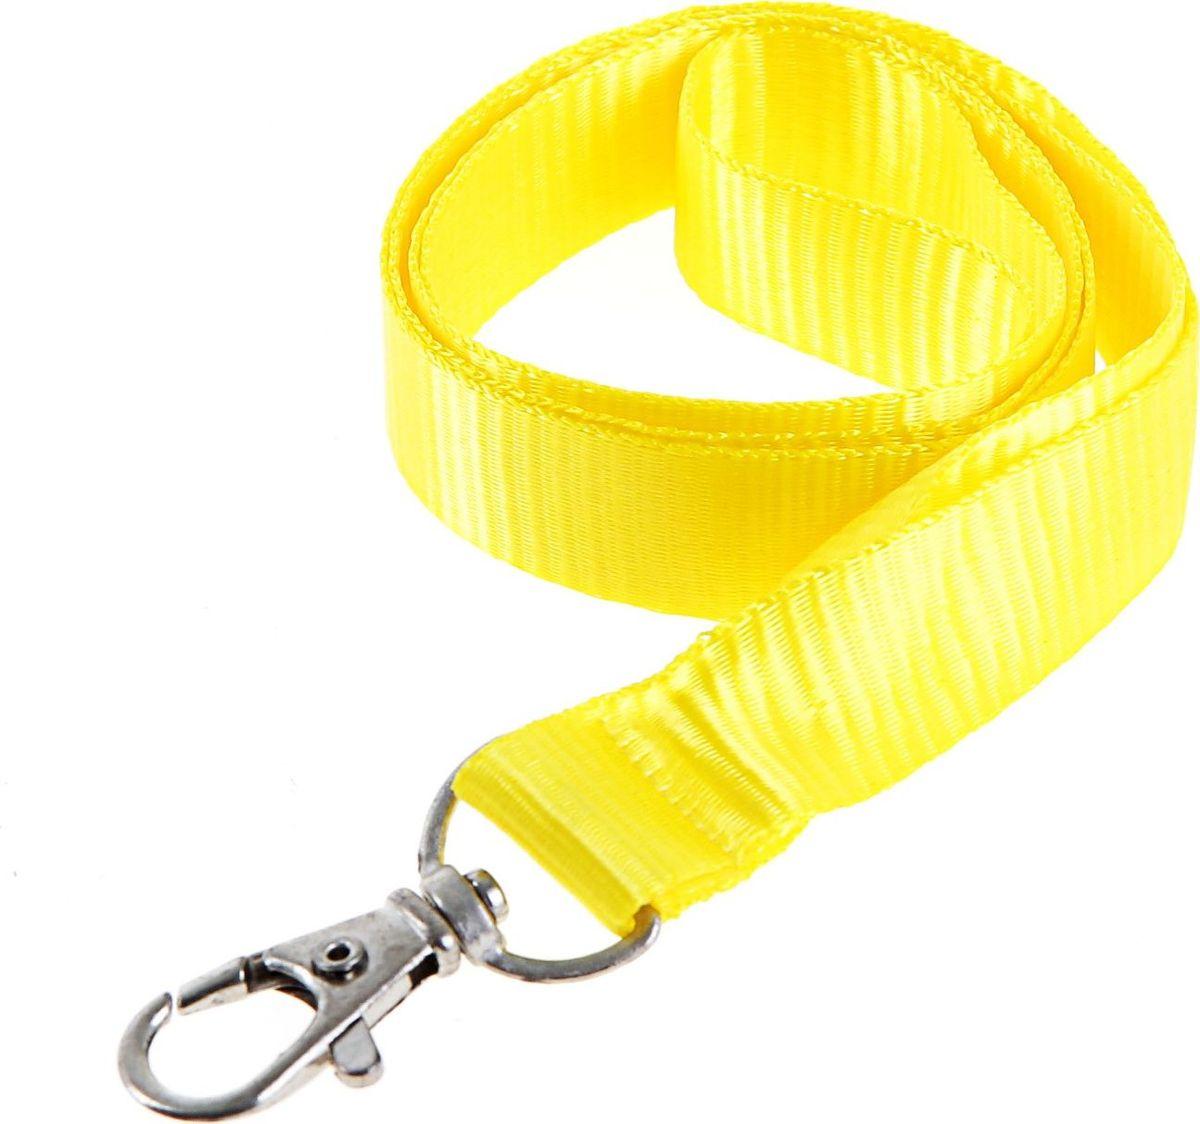 Лента для бейджа с карабином цвет желтый2010440Лента с карабином используется для удобного ношения бейджа.Она изготовлена из текстиля. Лента может быть использована в качестве элемента корпоративного стиля, особенно в сочетании с бейджем такого же цвета. Лента имеет металлический карабин, подходящий для бейджей всех типов, имеющих отверстие для крепления.